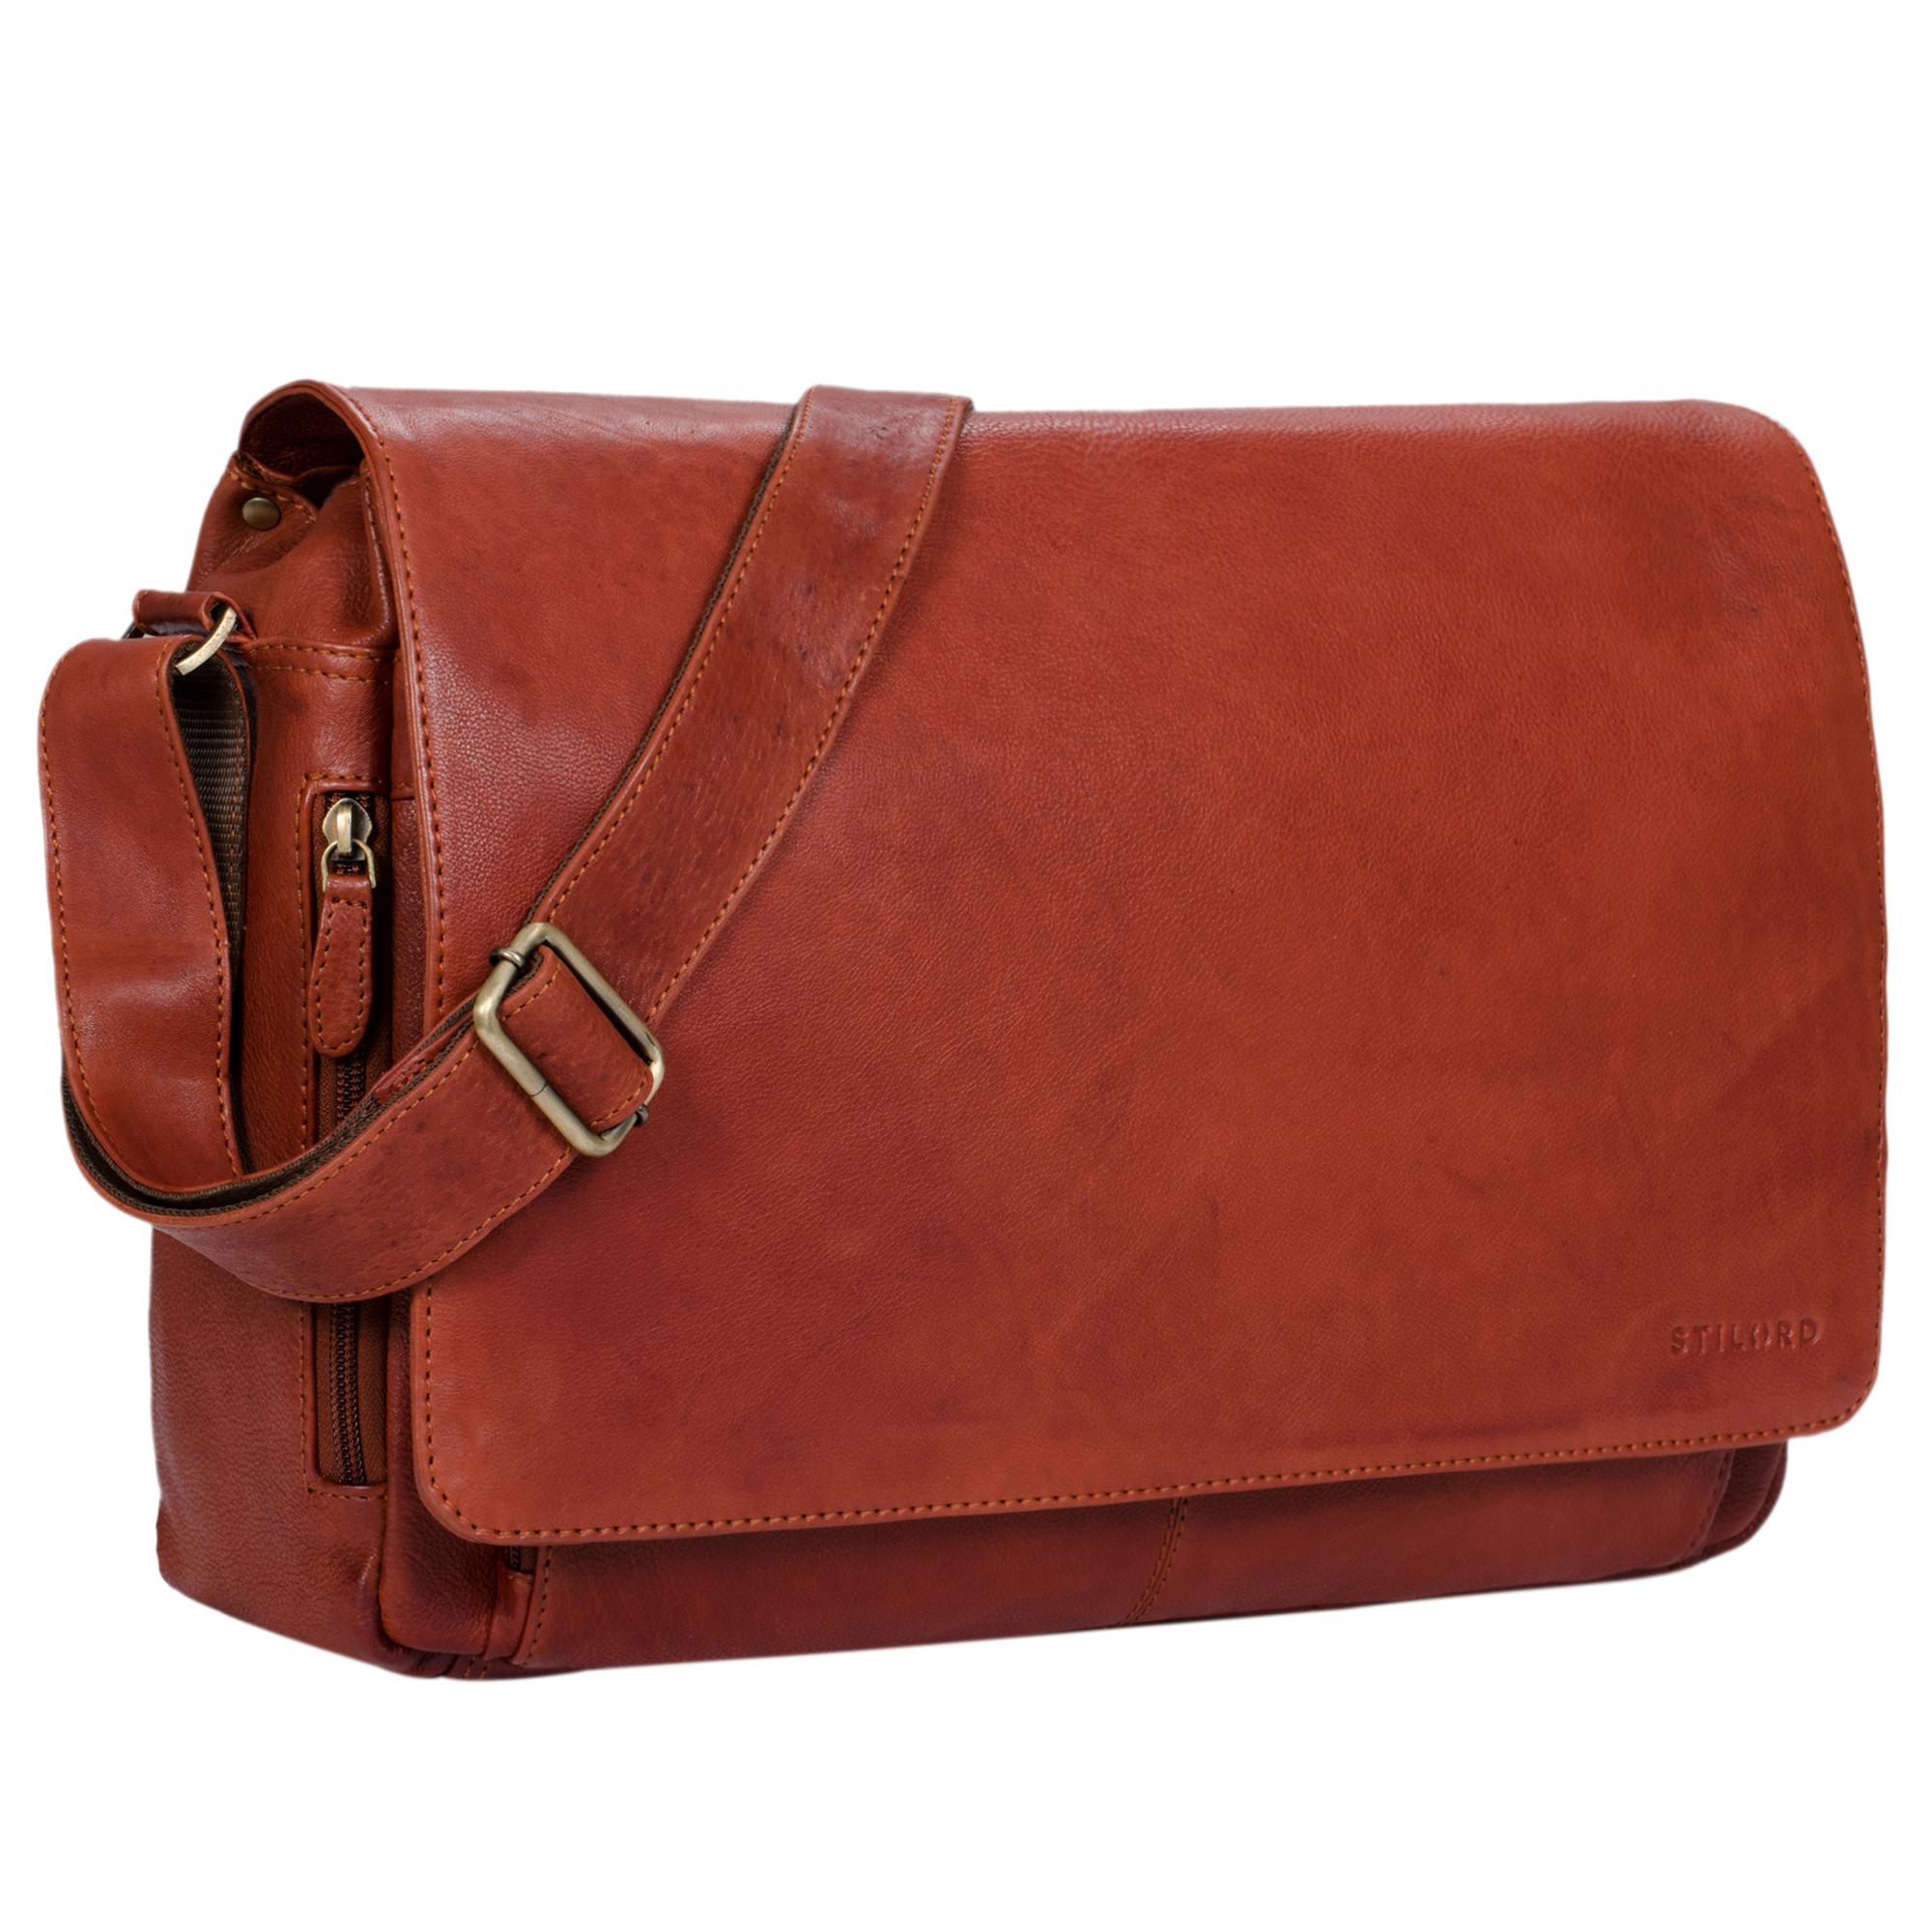 """STILORD """"Tom"""" Vintage Leder Umhängetasche für Studium Uni Büro Arbeit 15 Zoll Laptoptasche DIN A4 Schultertasche Echtleder - Bild 12"""